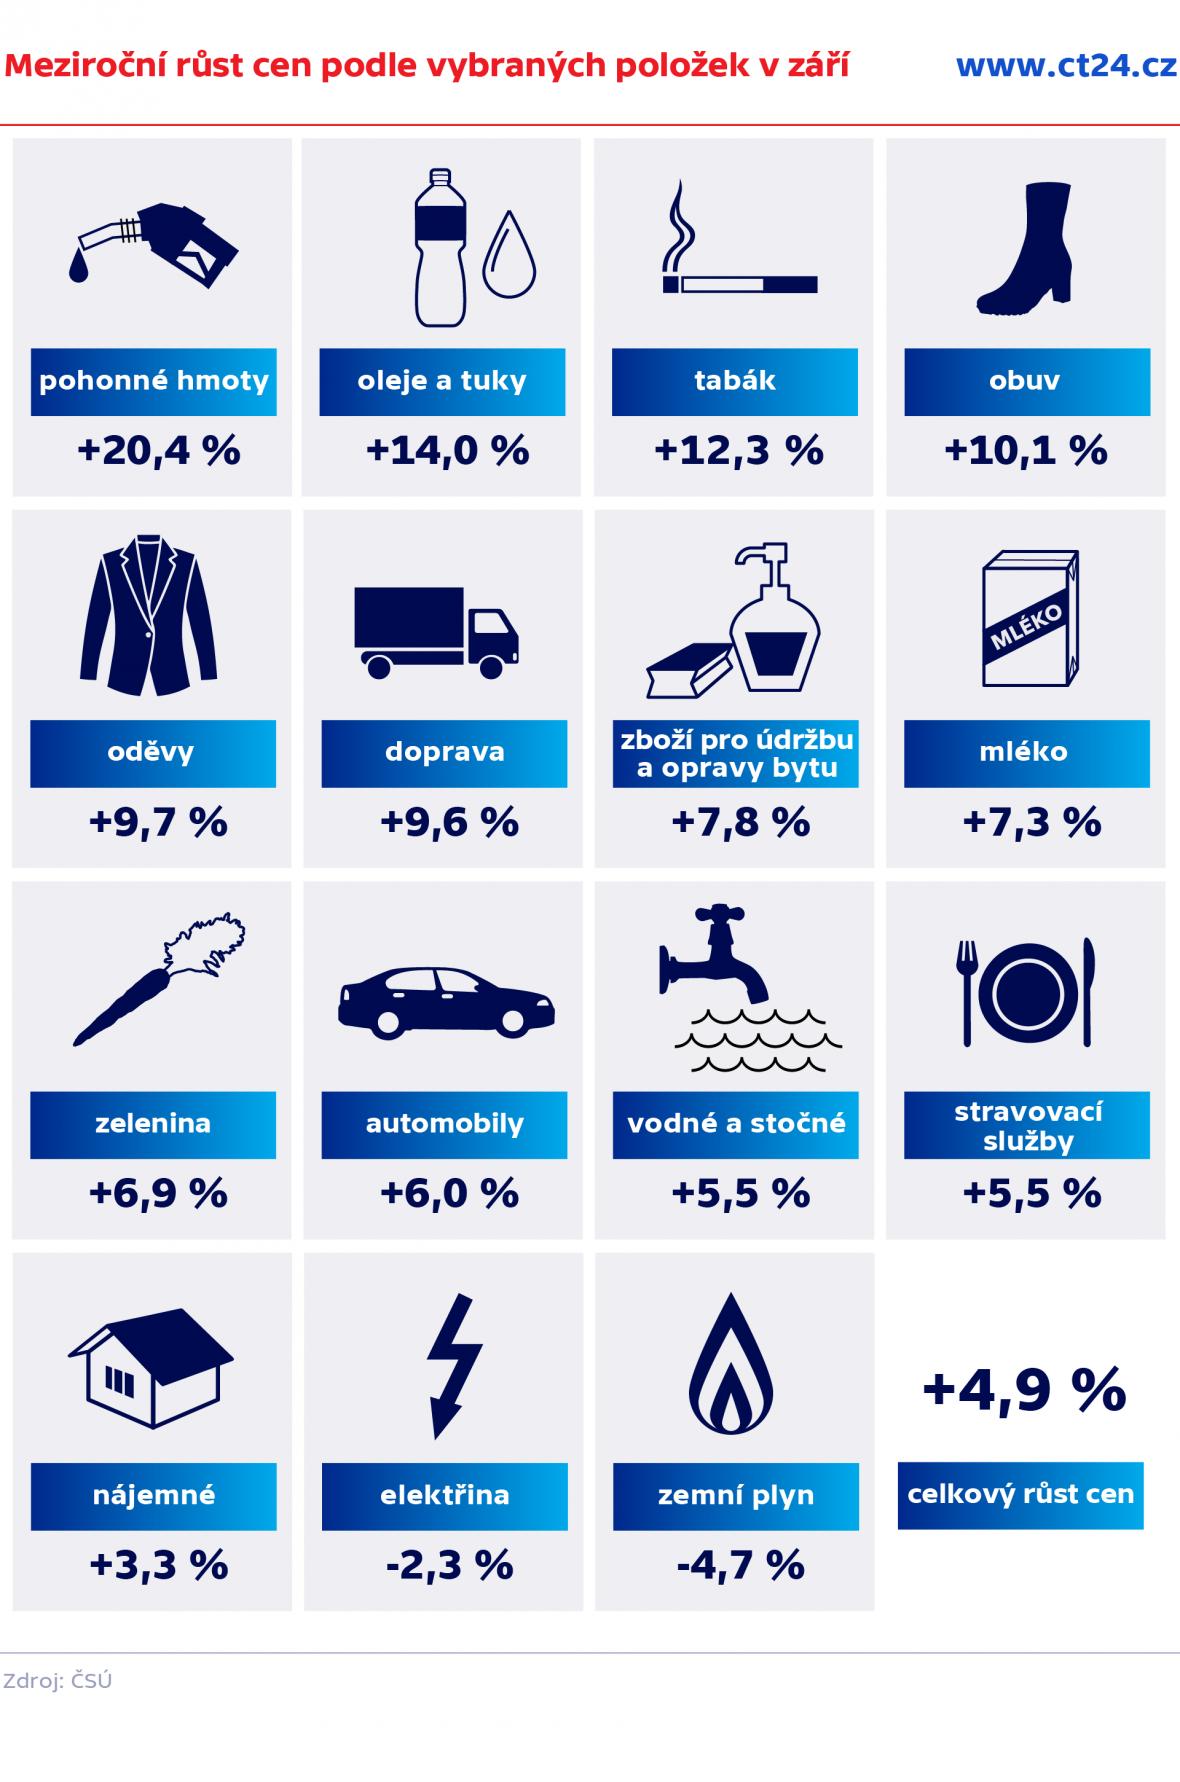 Meziroční růst cen podle vybraných položek v září